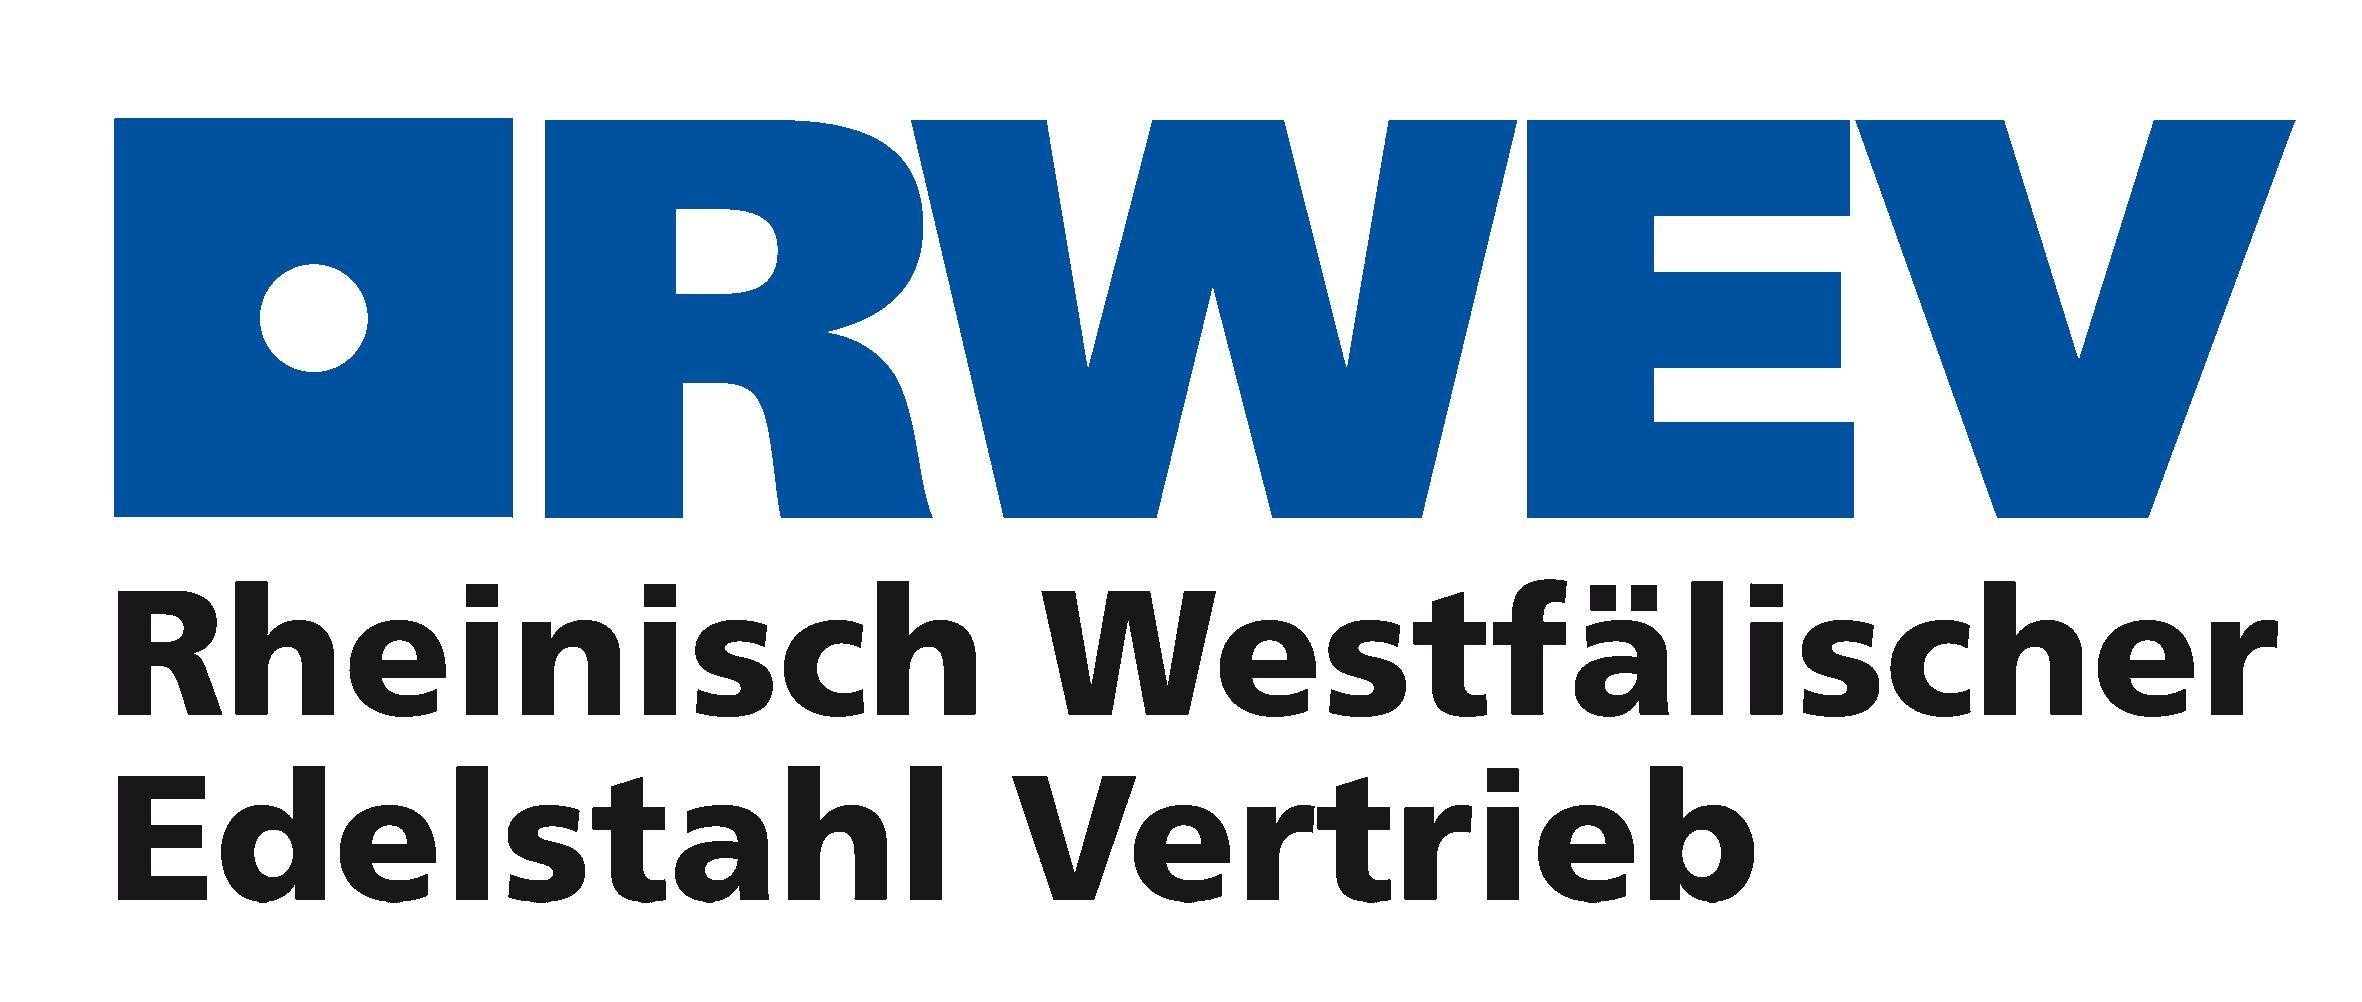 RWEV GmbH – Rheinisch Westfälischer Edelstahl Vertrieb